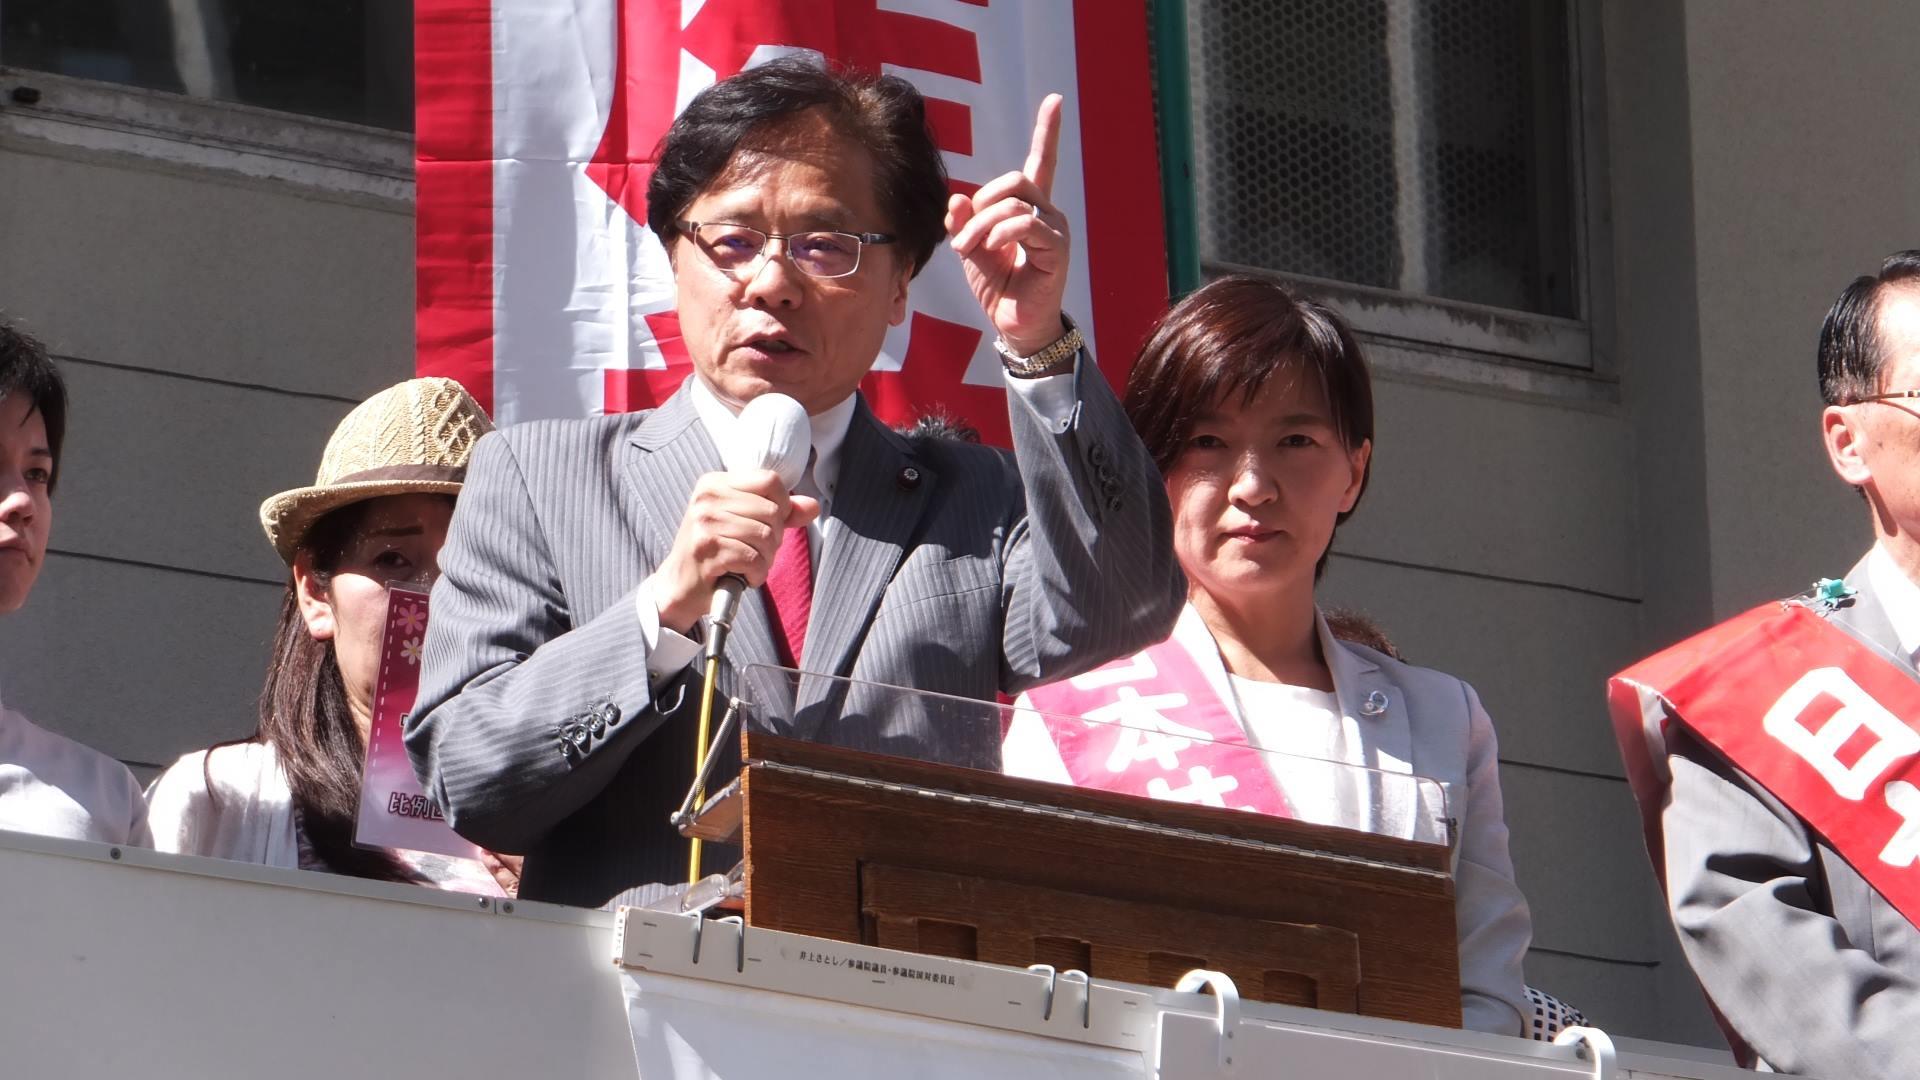 http://www.inoue-satoshi.com/diary/%E9%AB%98%E6%9D%BE%E5%B8%82.jpg